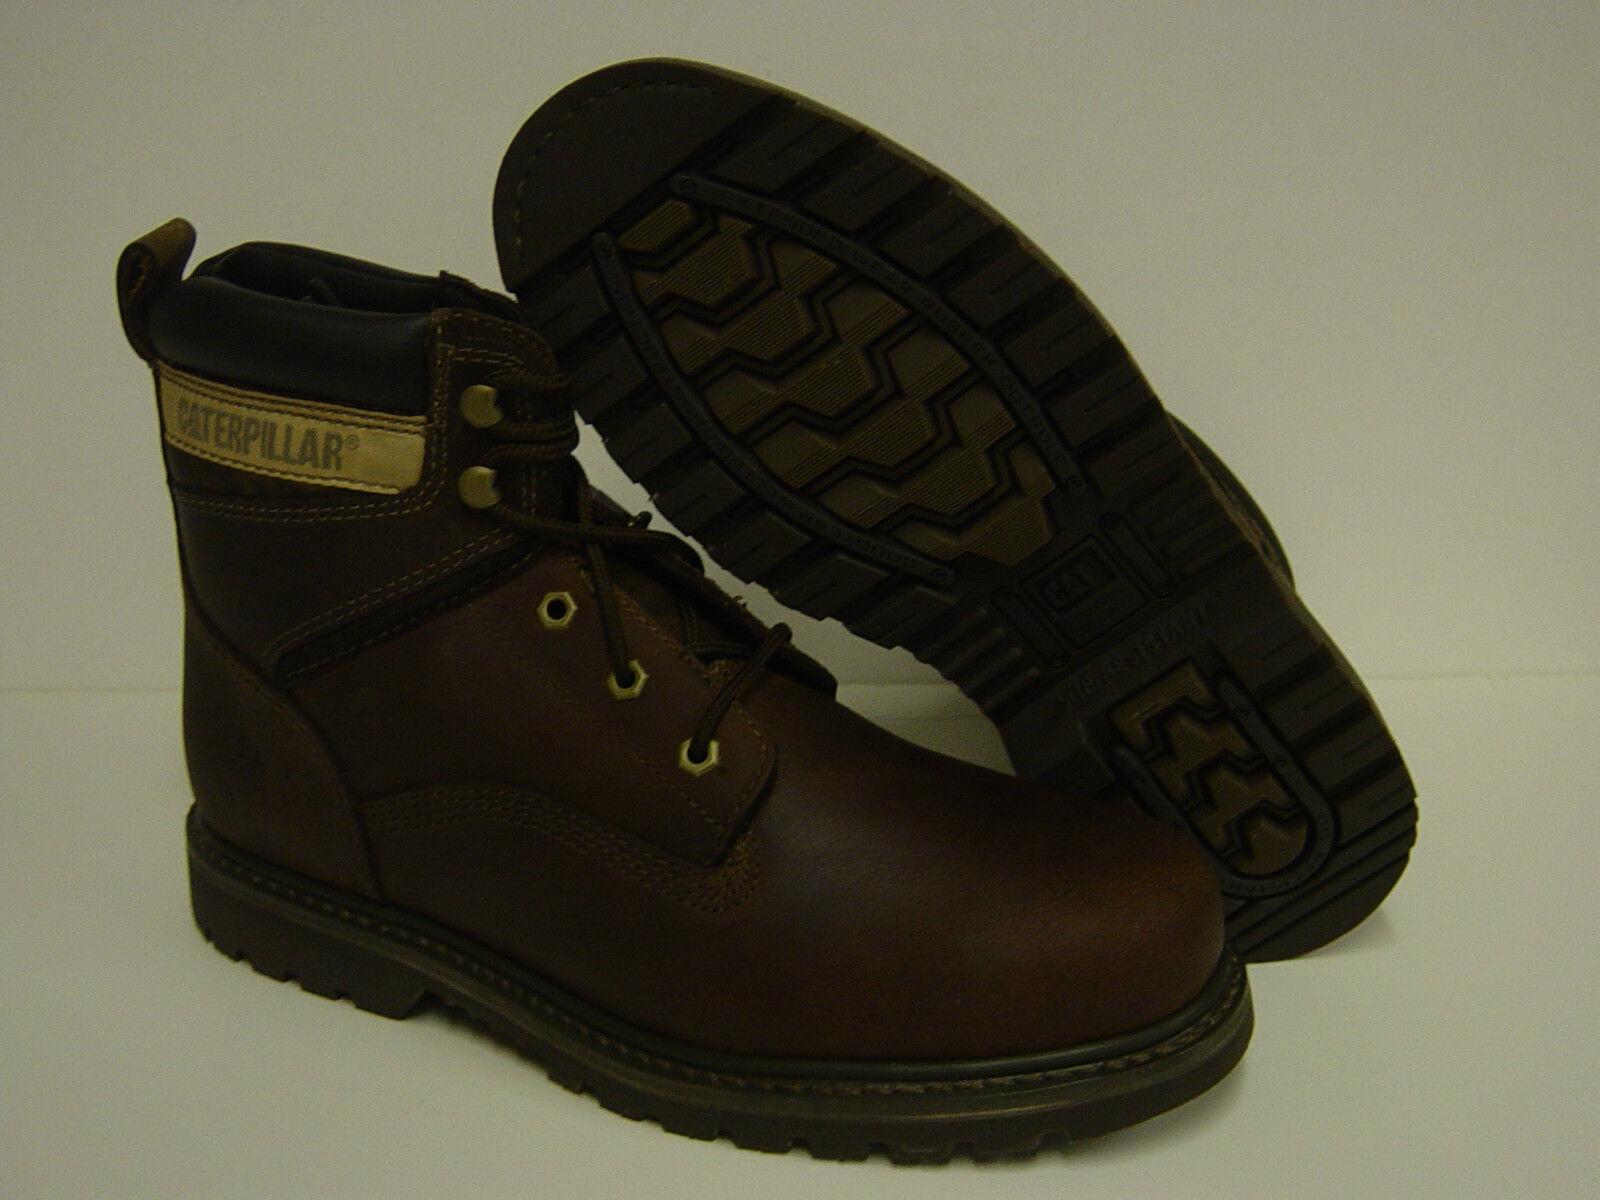 Nuevo Para hombres CATERPILLAR CAT Rangler MR 6  Ancho P73855 Antideslizante botas Zapatos